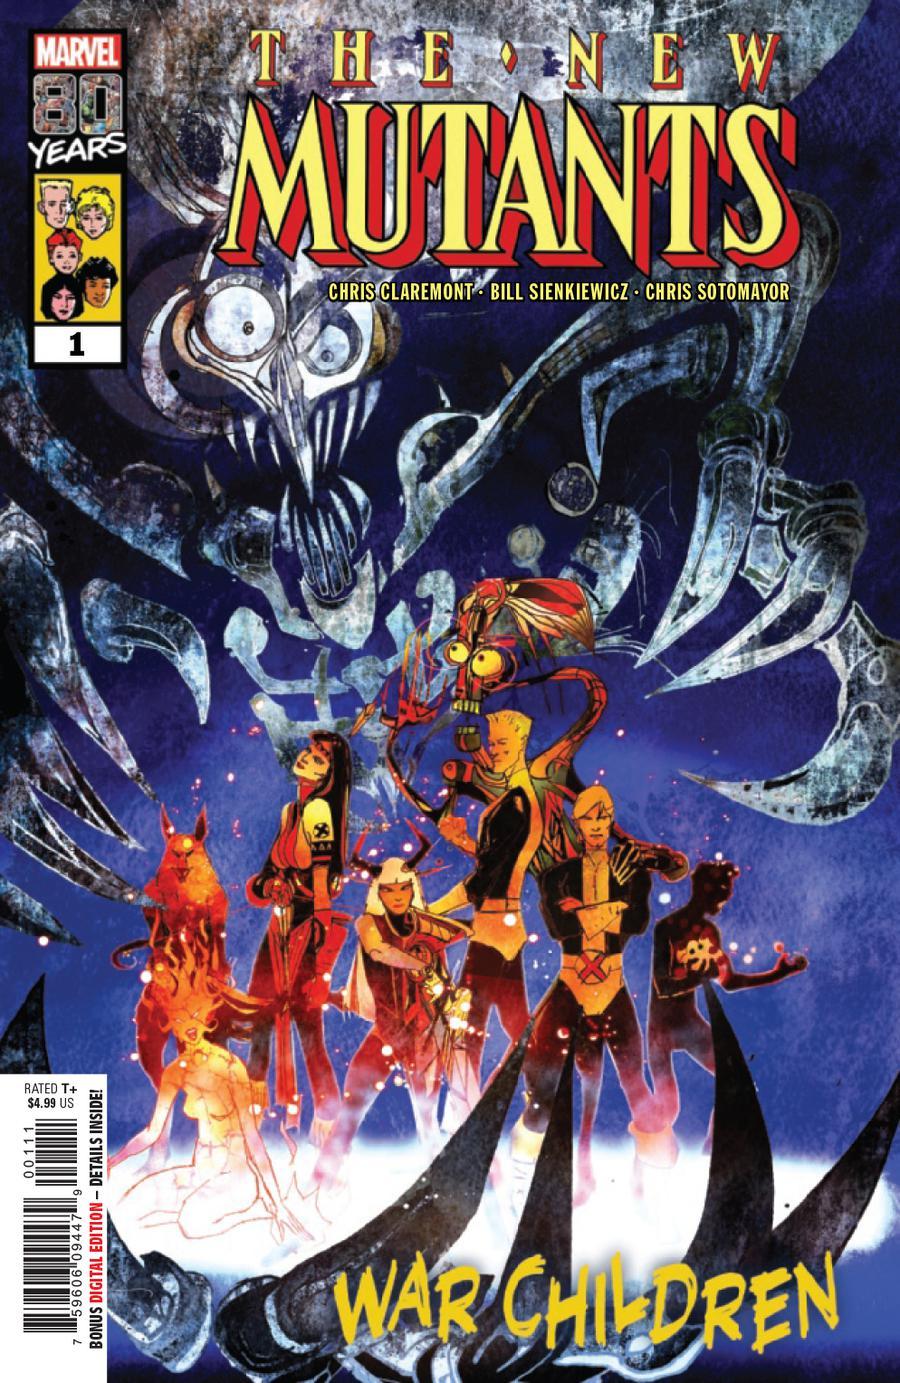 New Mutants War Children #1 Cover A 1st Ptg Regular Bill Sienkiewicz Cover